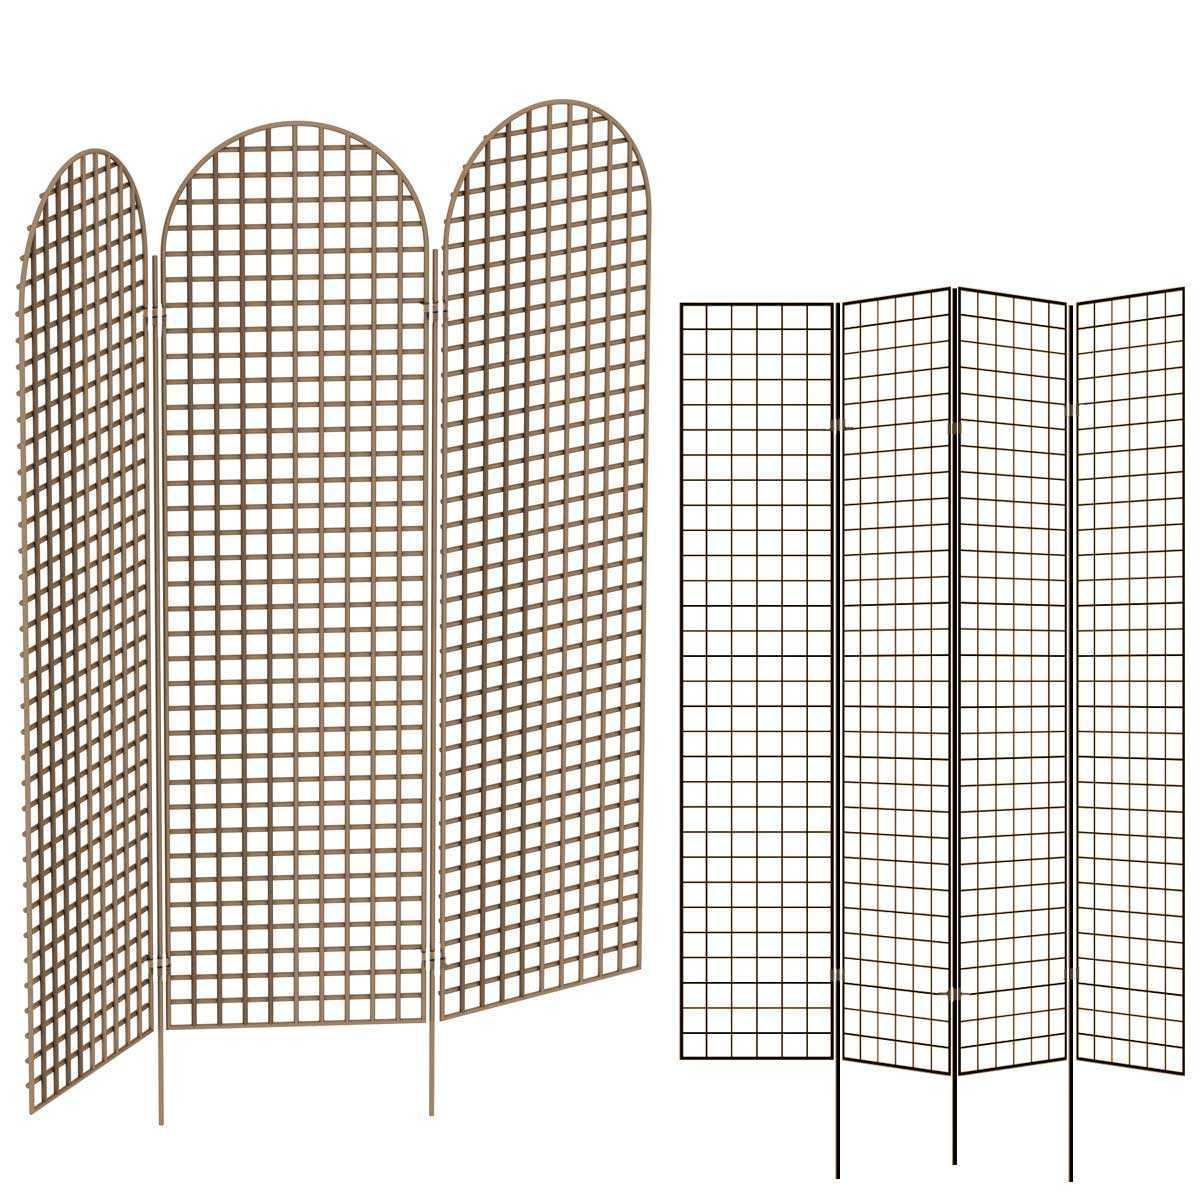 paravent de jardin en acier peint couleur marron cloture. Black Bedroom Furniture Sets. Home Design Ideas